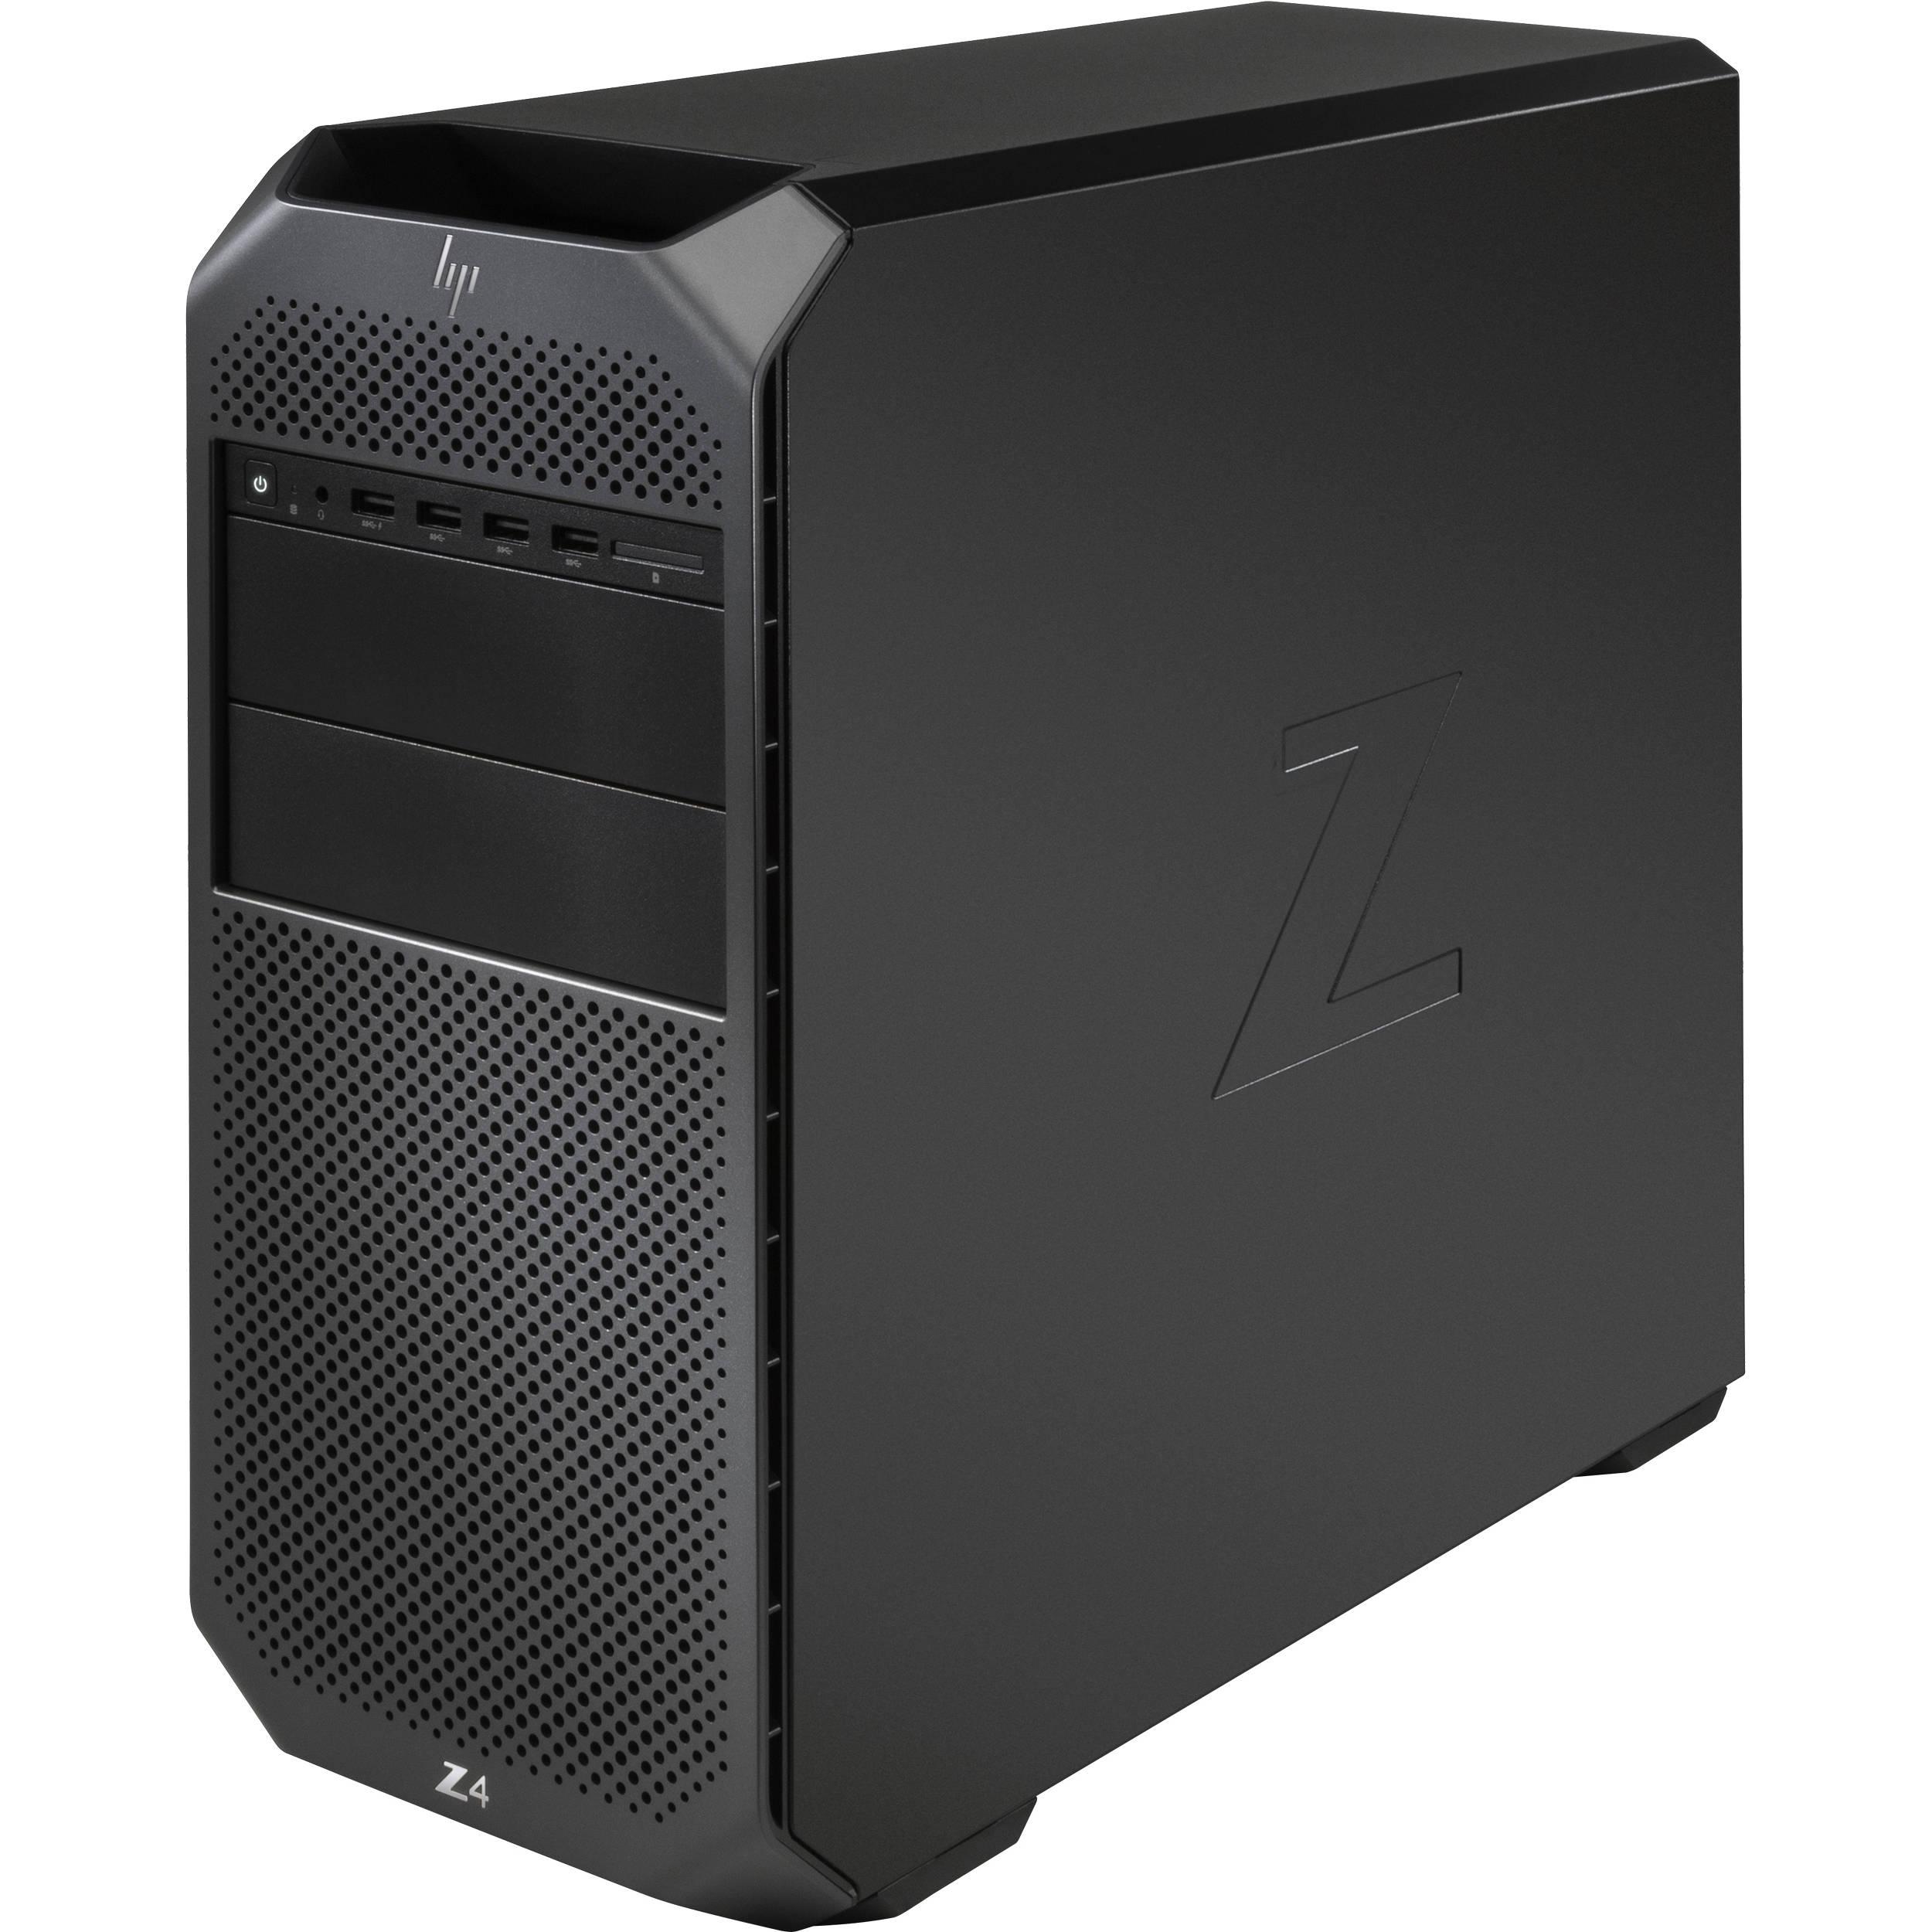 کامپیوتر دسکتاپ اچ پی مدل Z4 G4 Workstation-F